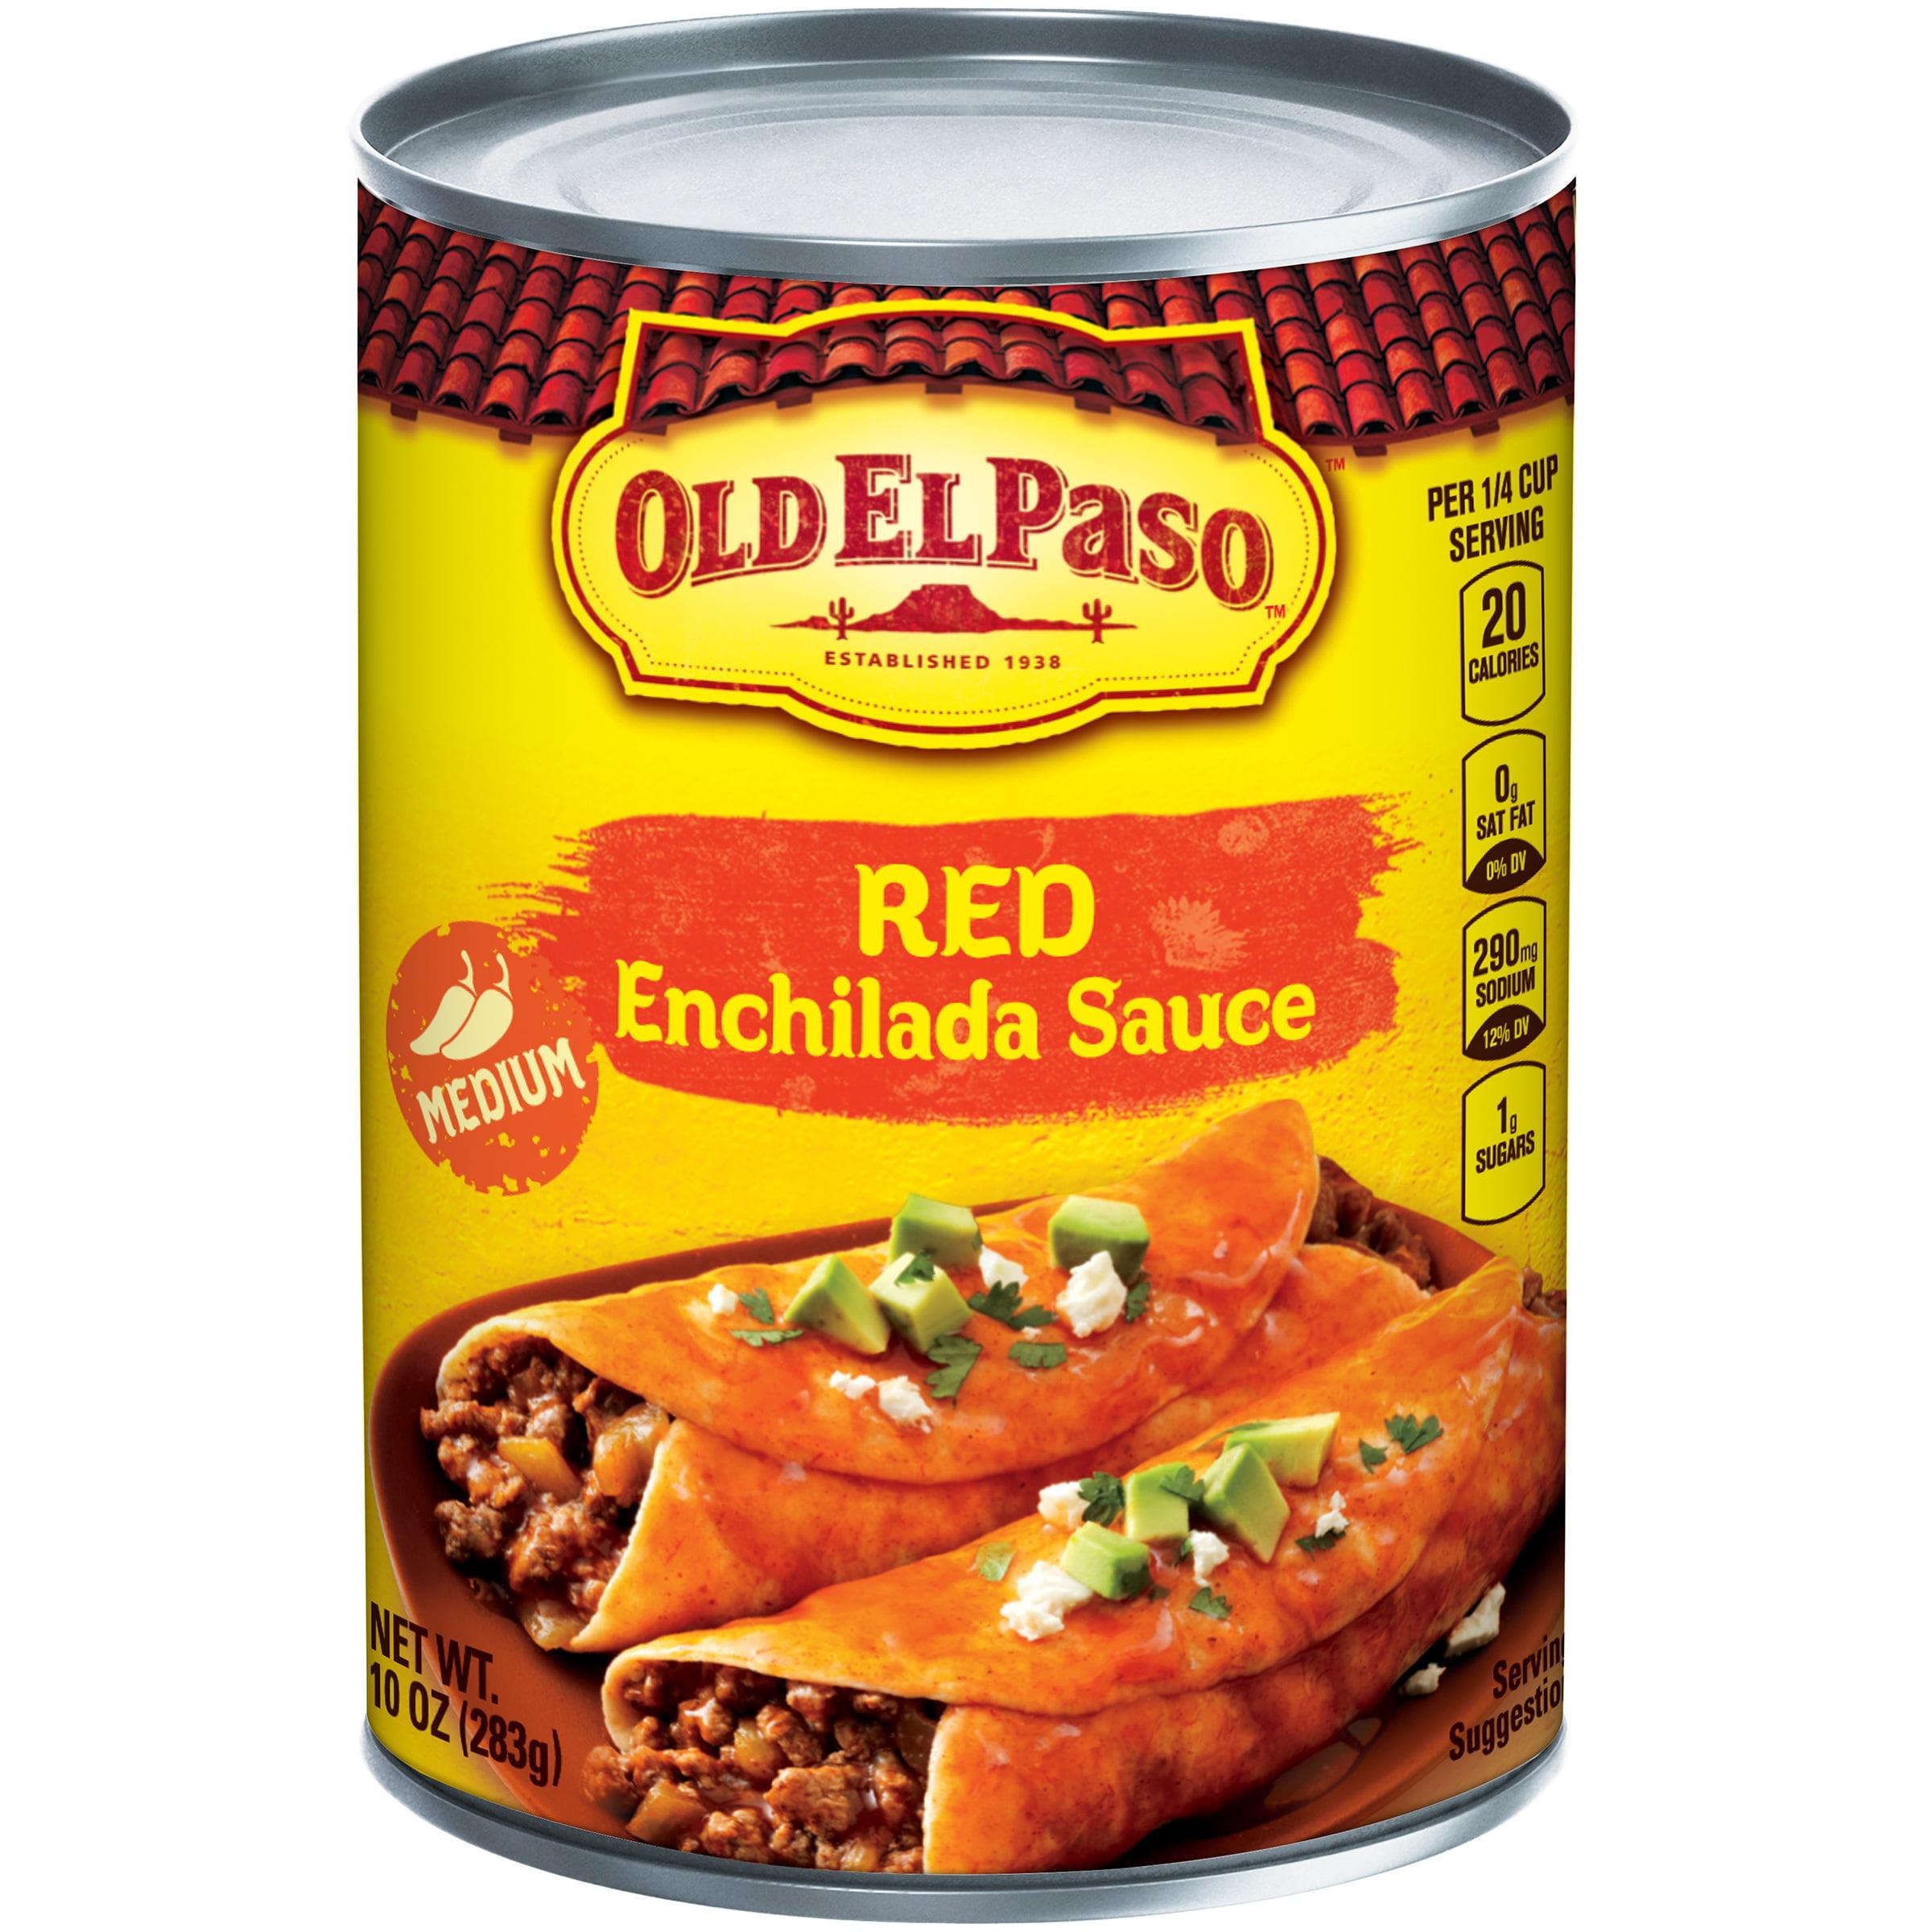 Image result for enchilada sauce